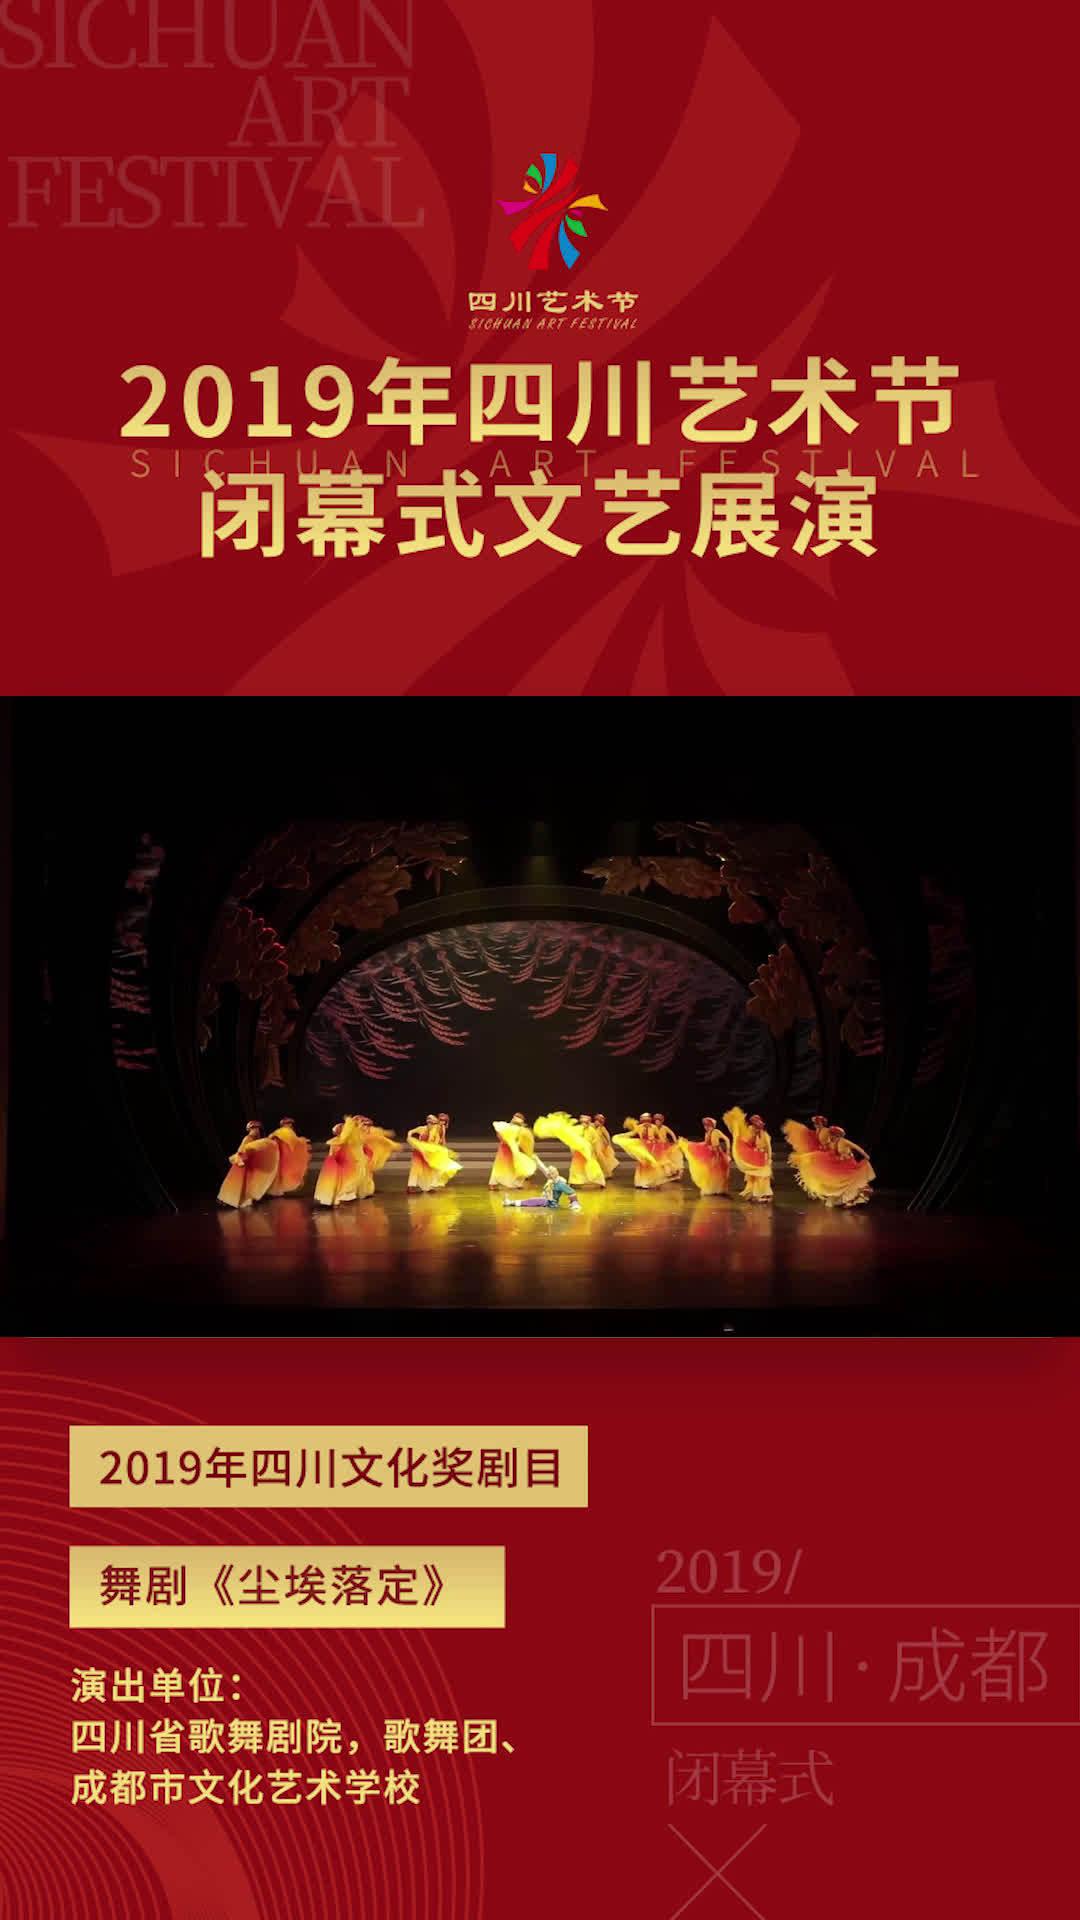 根据阿来小说《尘埃落定》改变的舞剧斩获奖项不少 闭幕晚会上精彩